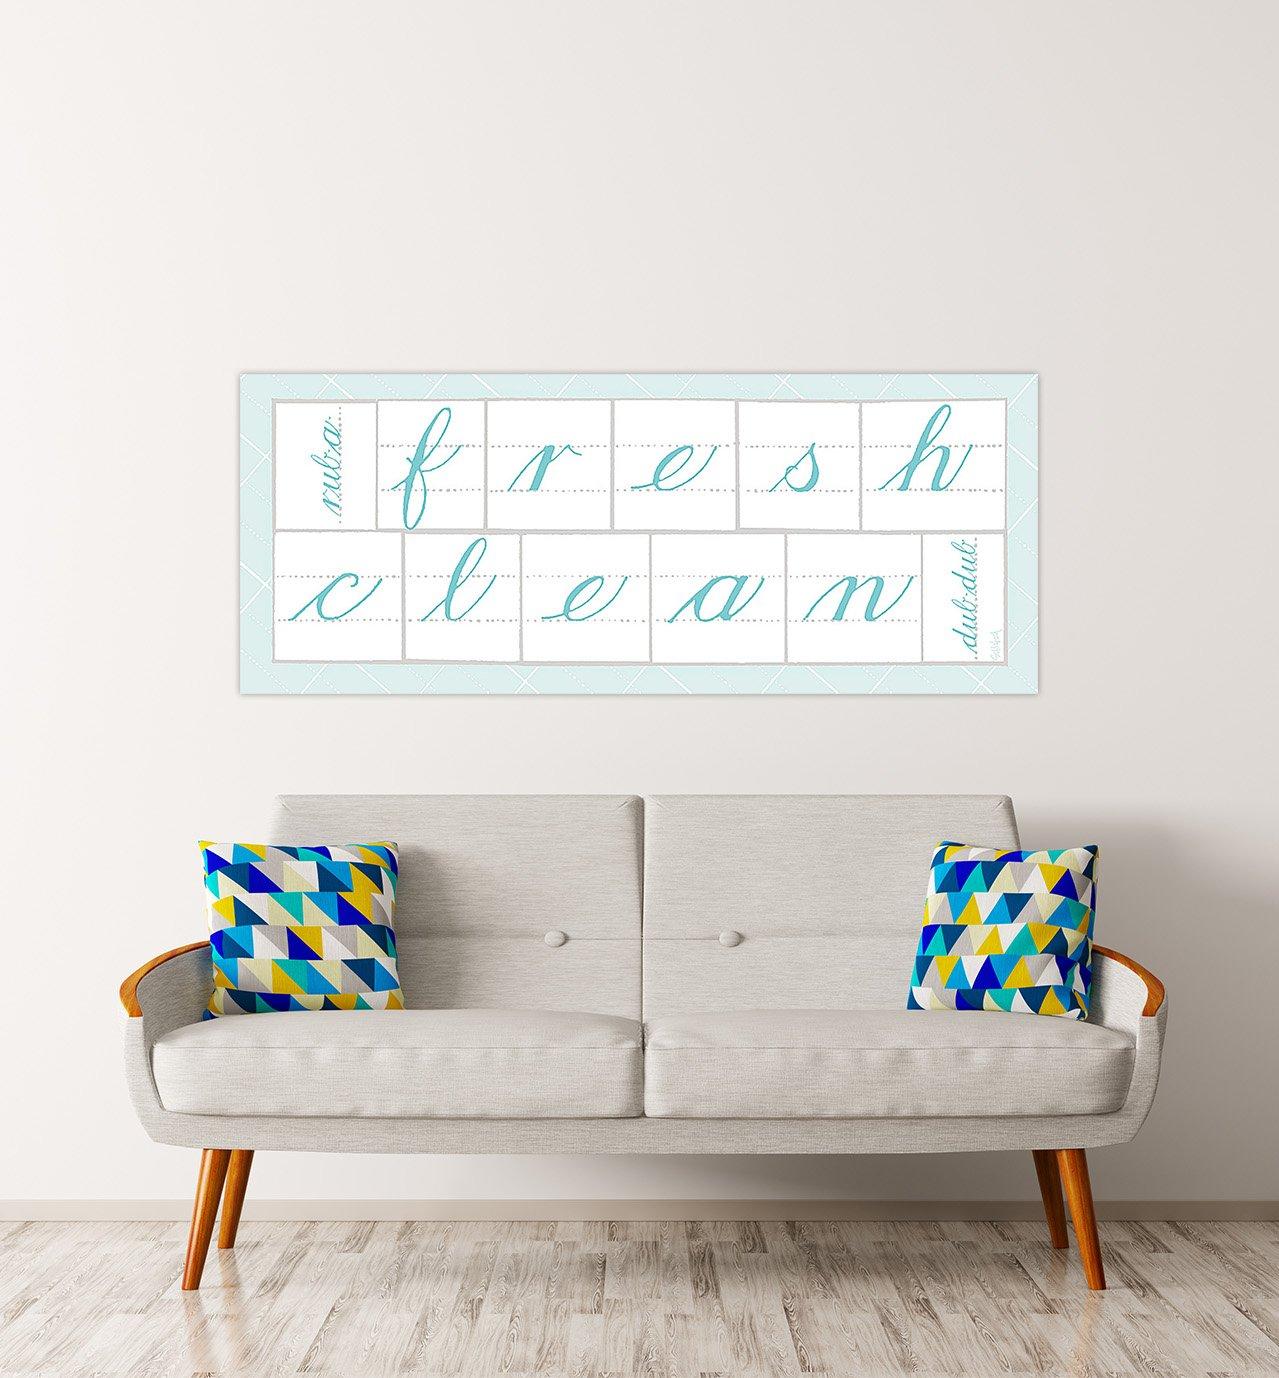 DìMò ART Bild Druck auf Leinwand mit mit mit Rahmen in Holz Schlabach Sue Fresh Clean Blau 175x70 cm 175x70 cm B07DYLXGVF | Sale Online Shop  1b0f39